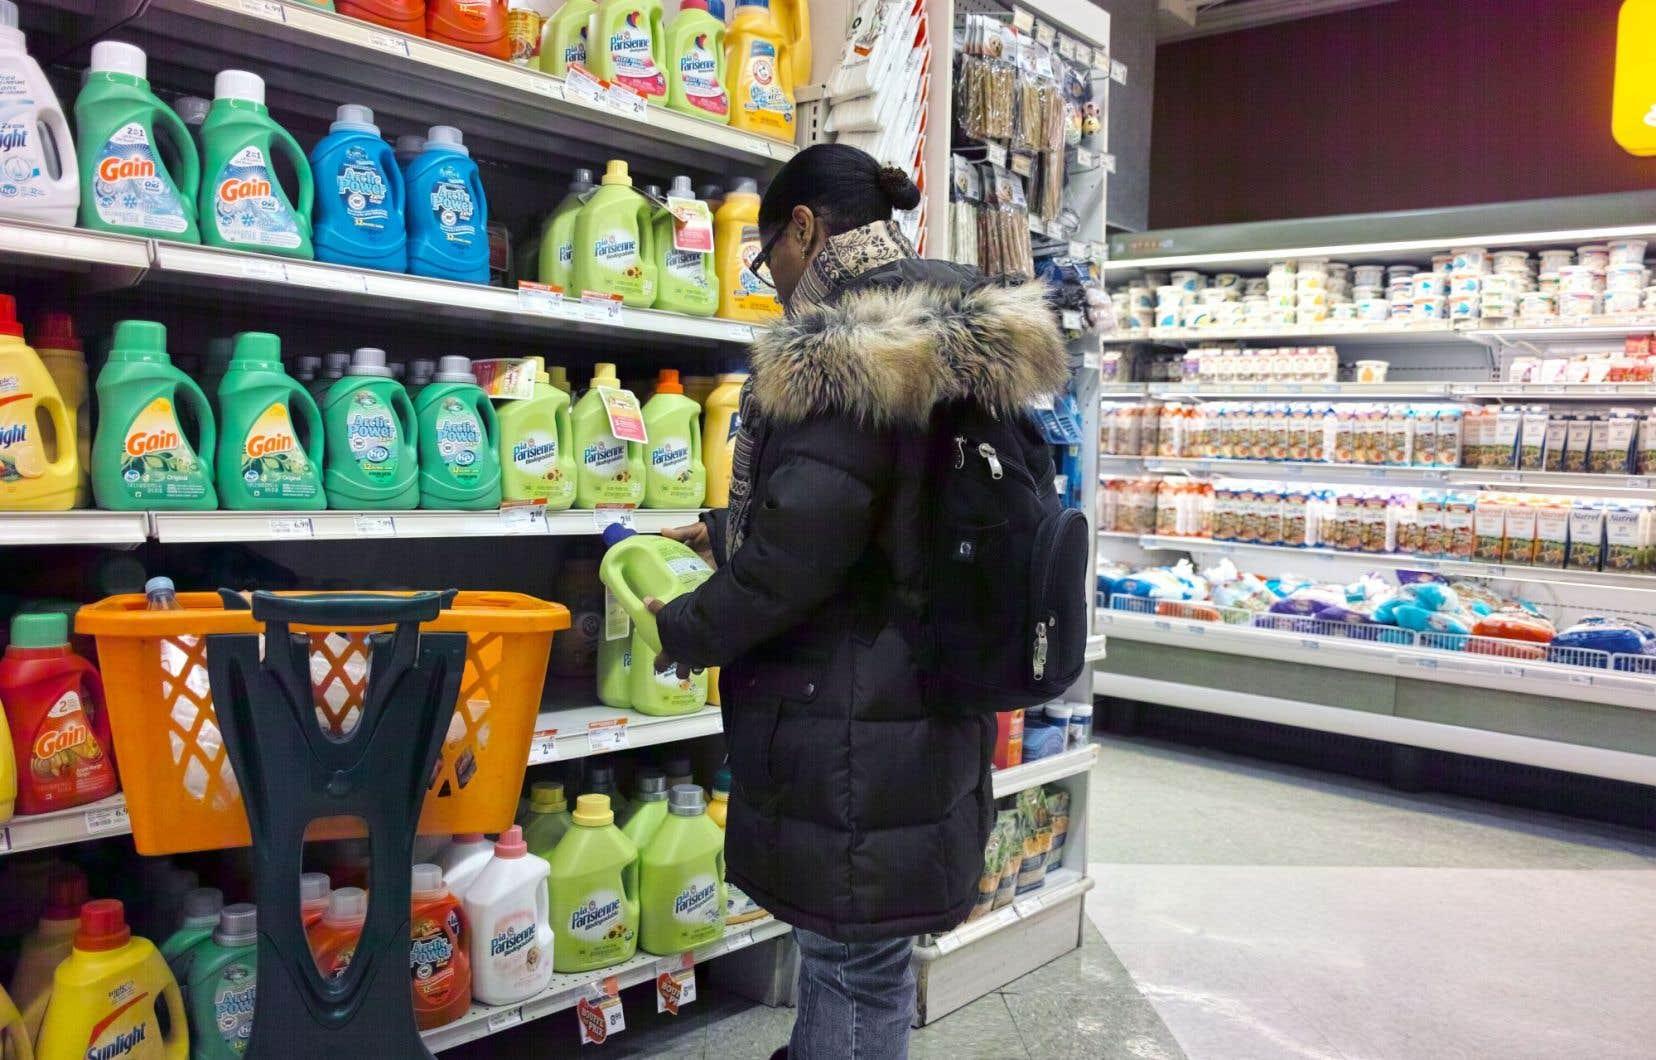 Les magasins sans caisses peuvent en effet permettre à Amazon de recueillir de précieuses données sur les habitudes de consommation de ses clients.